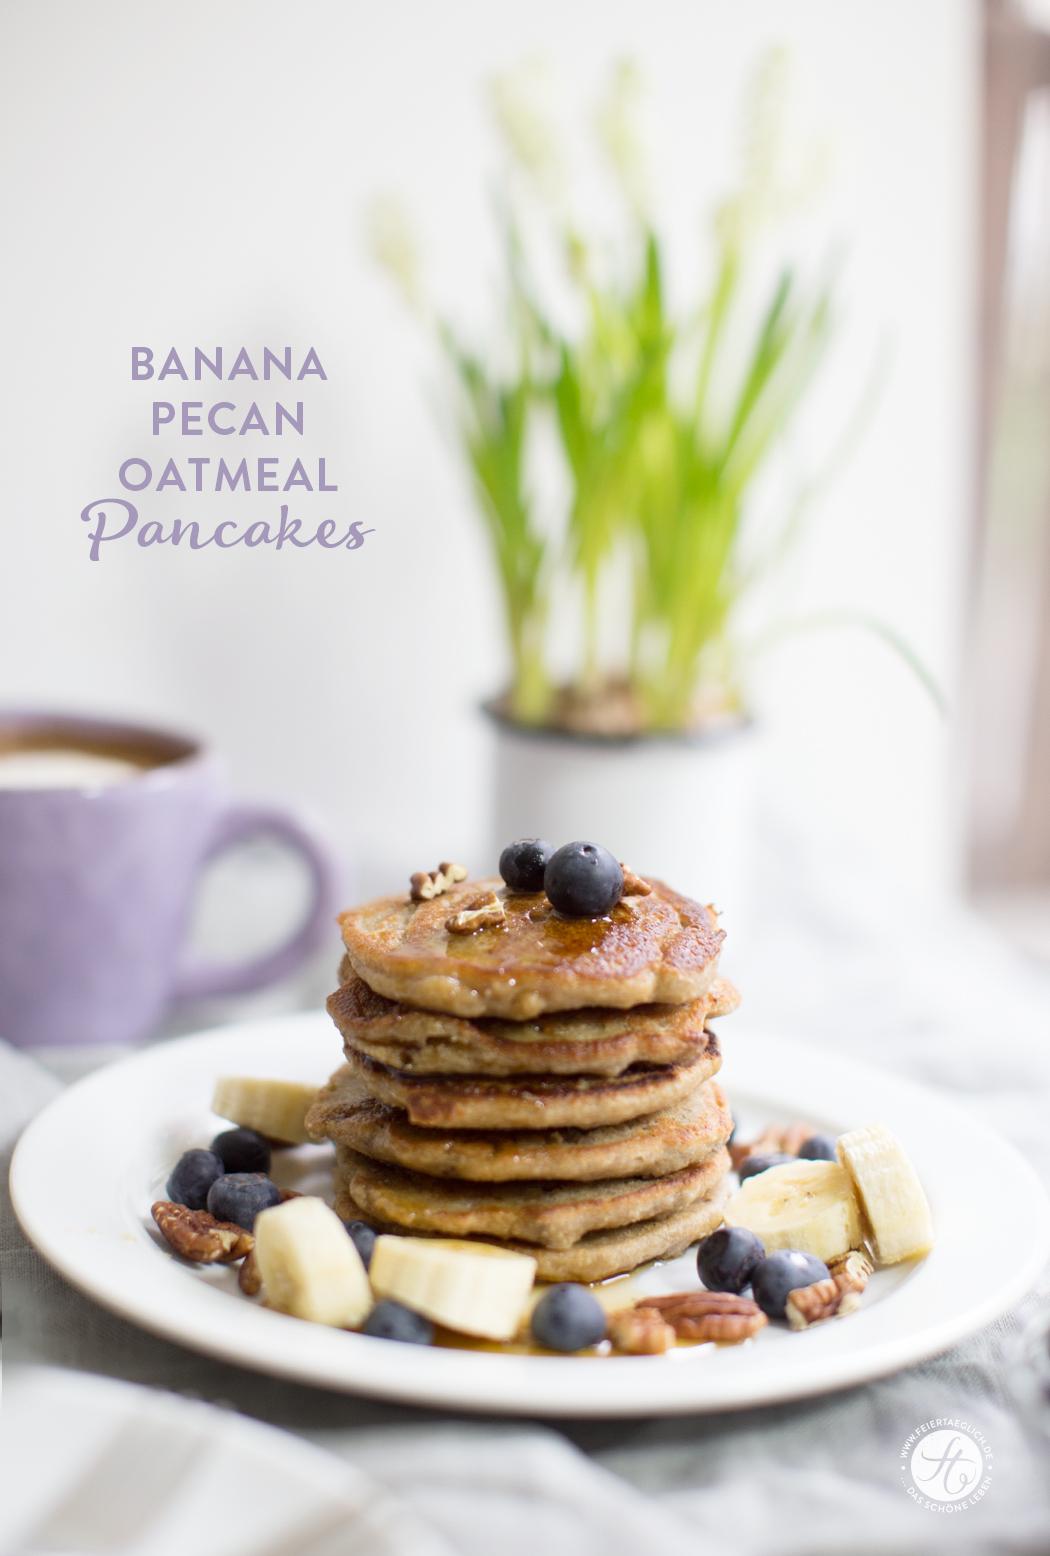 Banana-Oatmeal Pancakes mit Pekannüssen und Blaubeere, vegan und glutenfrei | Rezept von feiertäglich.de